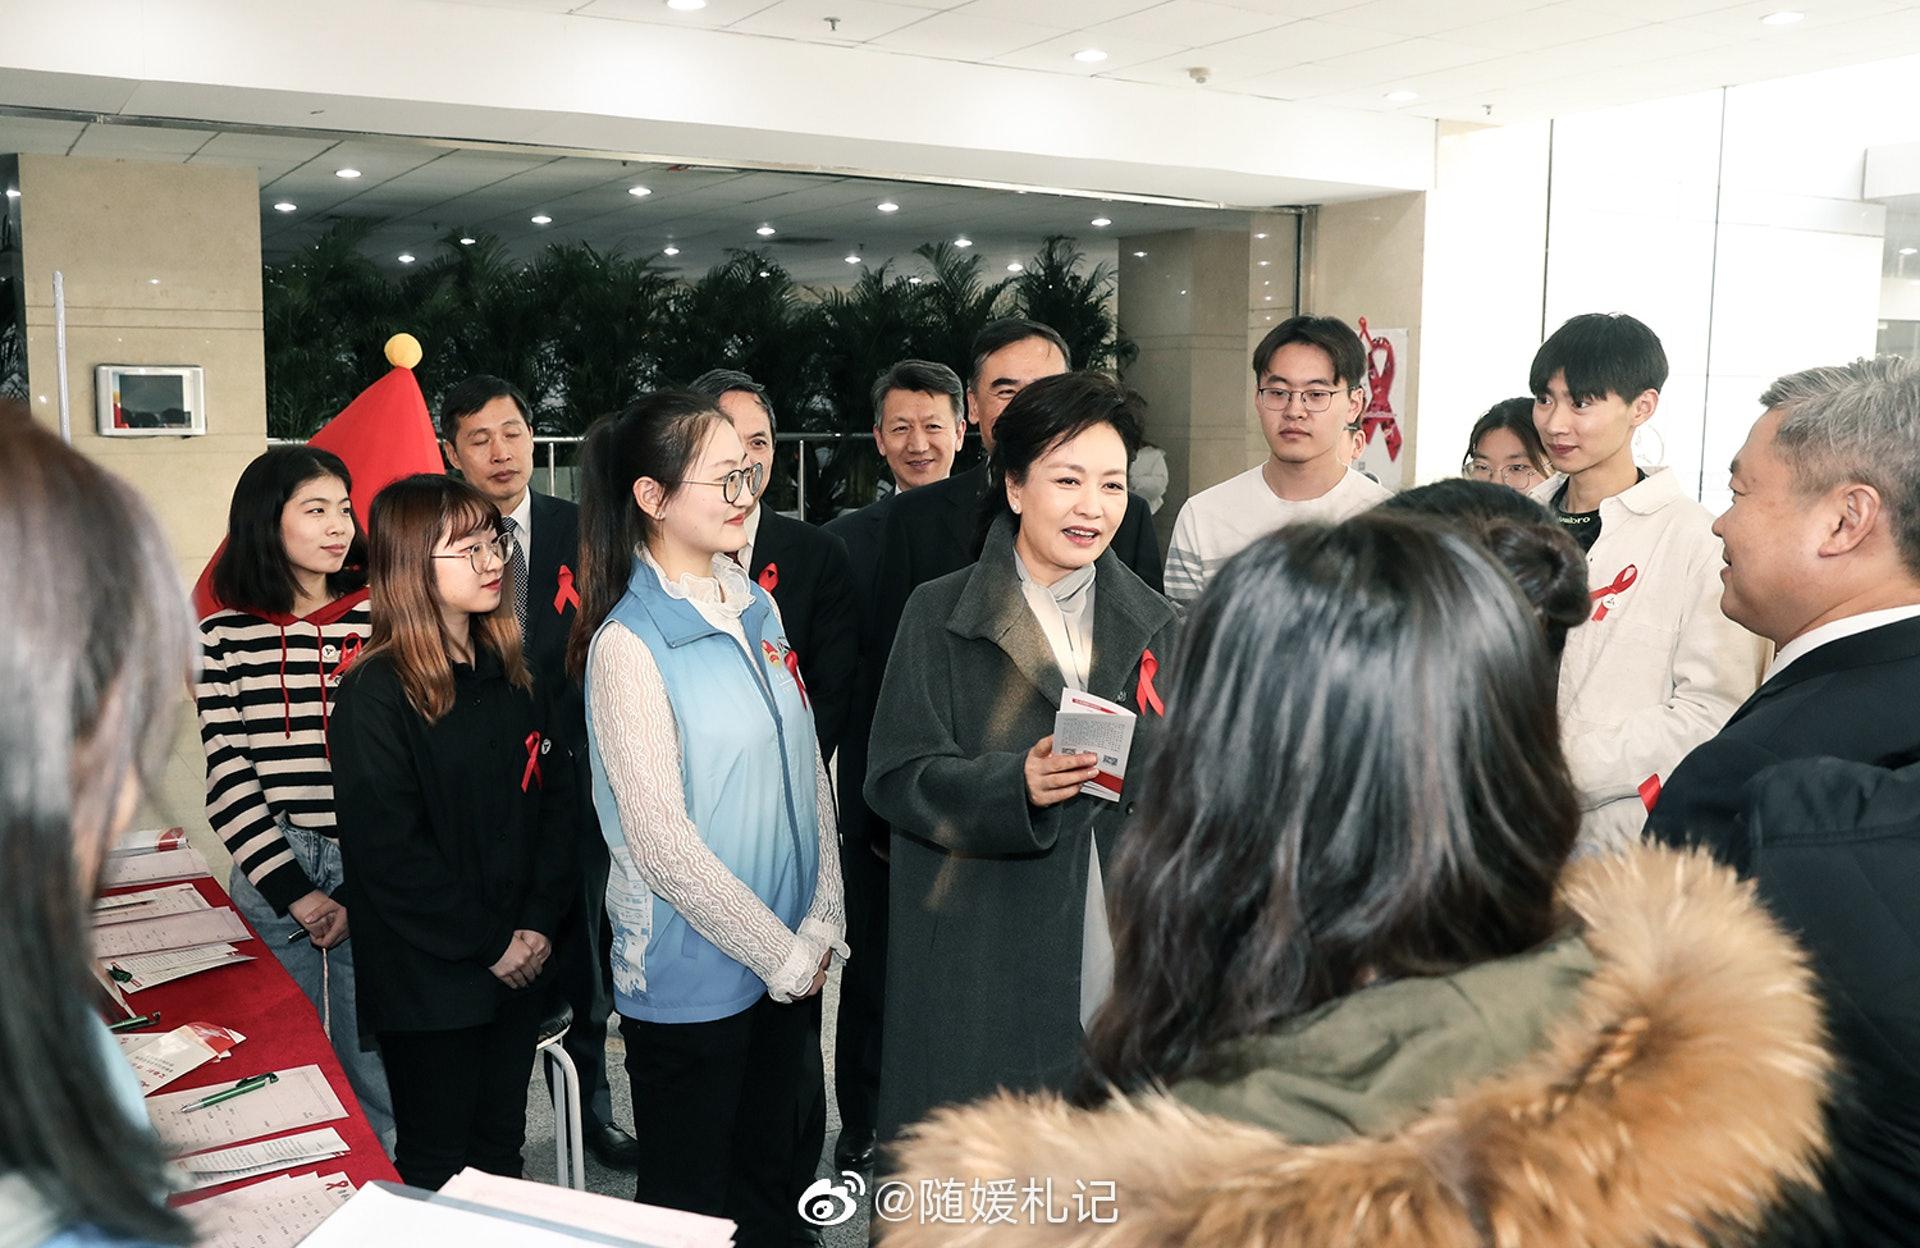 罕见活跃 中国第一夫人彭丽媛最新动向披露(组图)